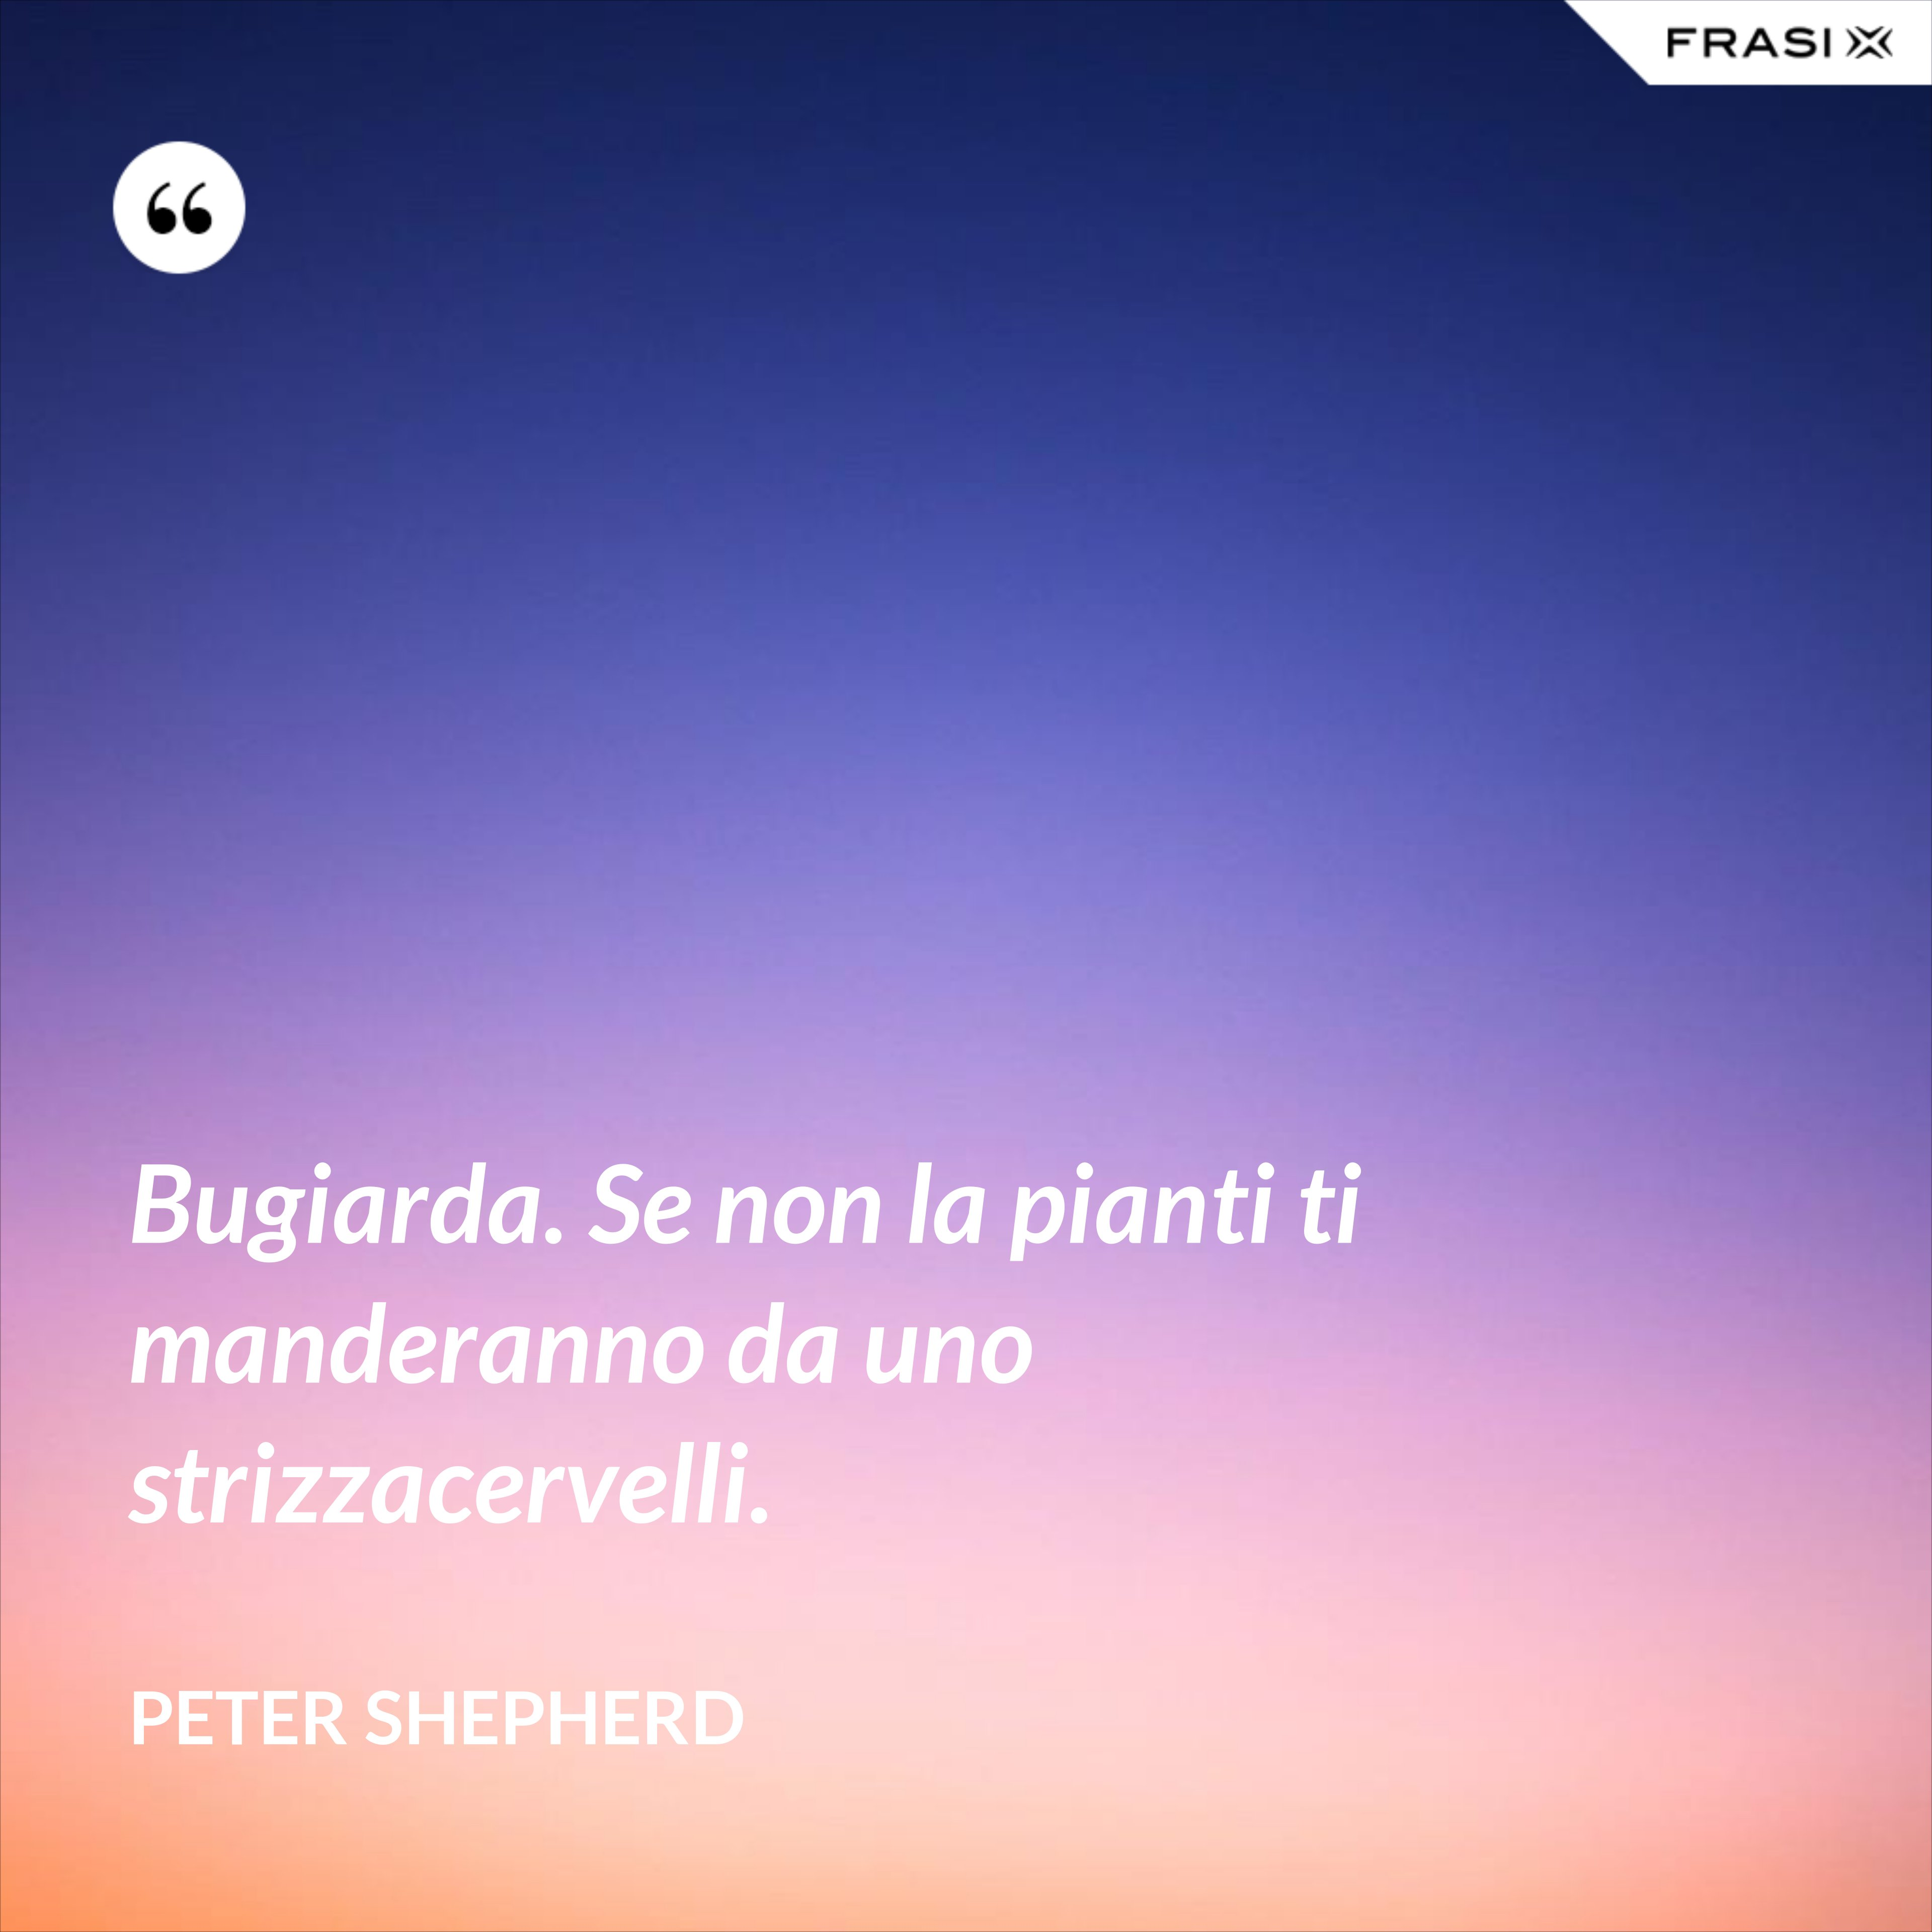 Bugiarda. Se non la pianti ti manderanno da uno strizzacervelli. - Peter Shepherd